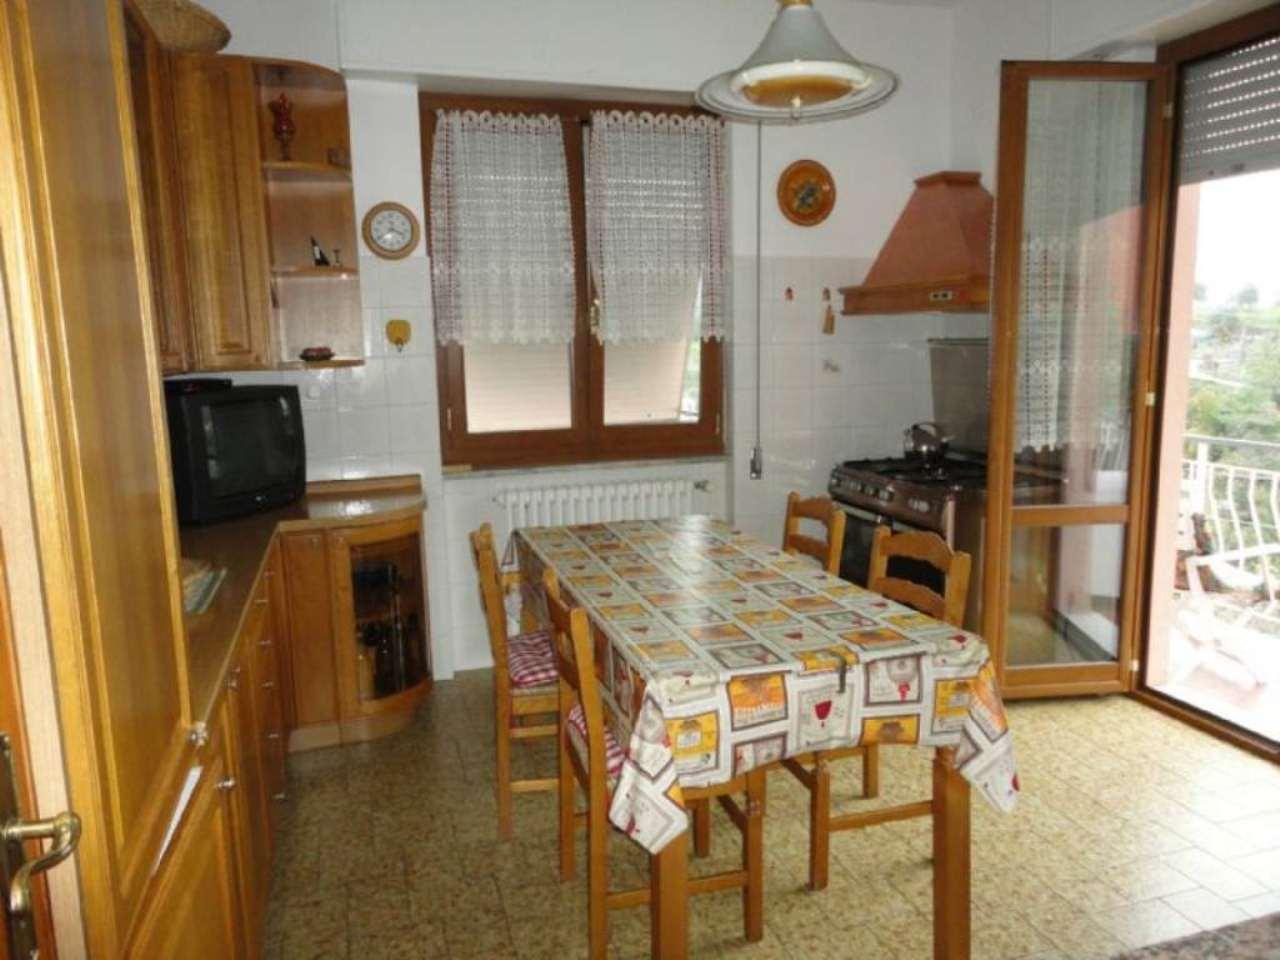 Appartamento in vendita a Tribogna, 5 locali, prezzo € 125.000 | CambioCasa.it